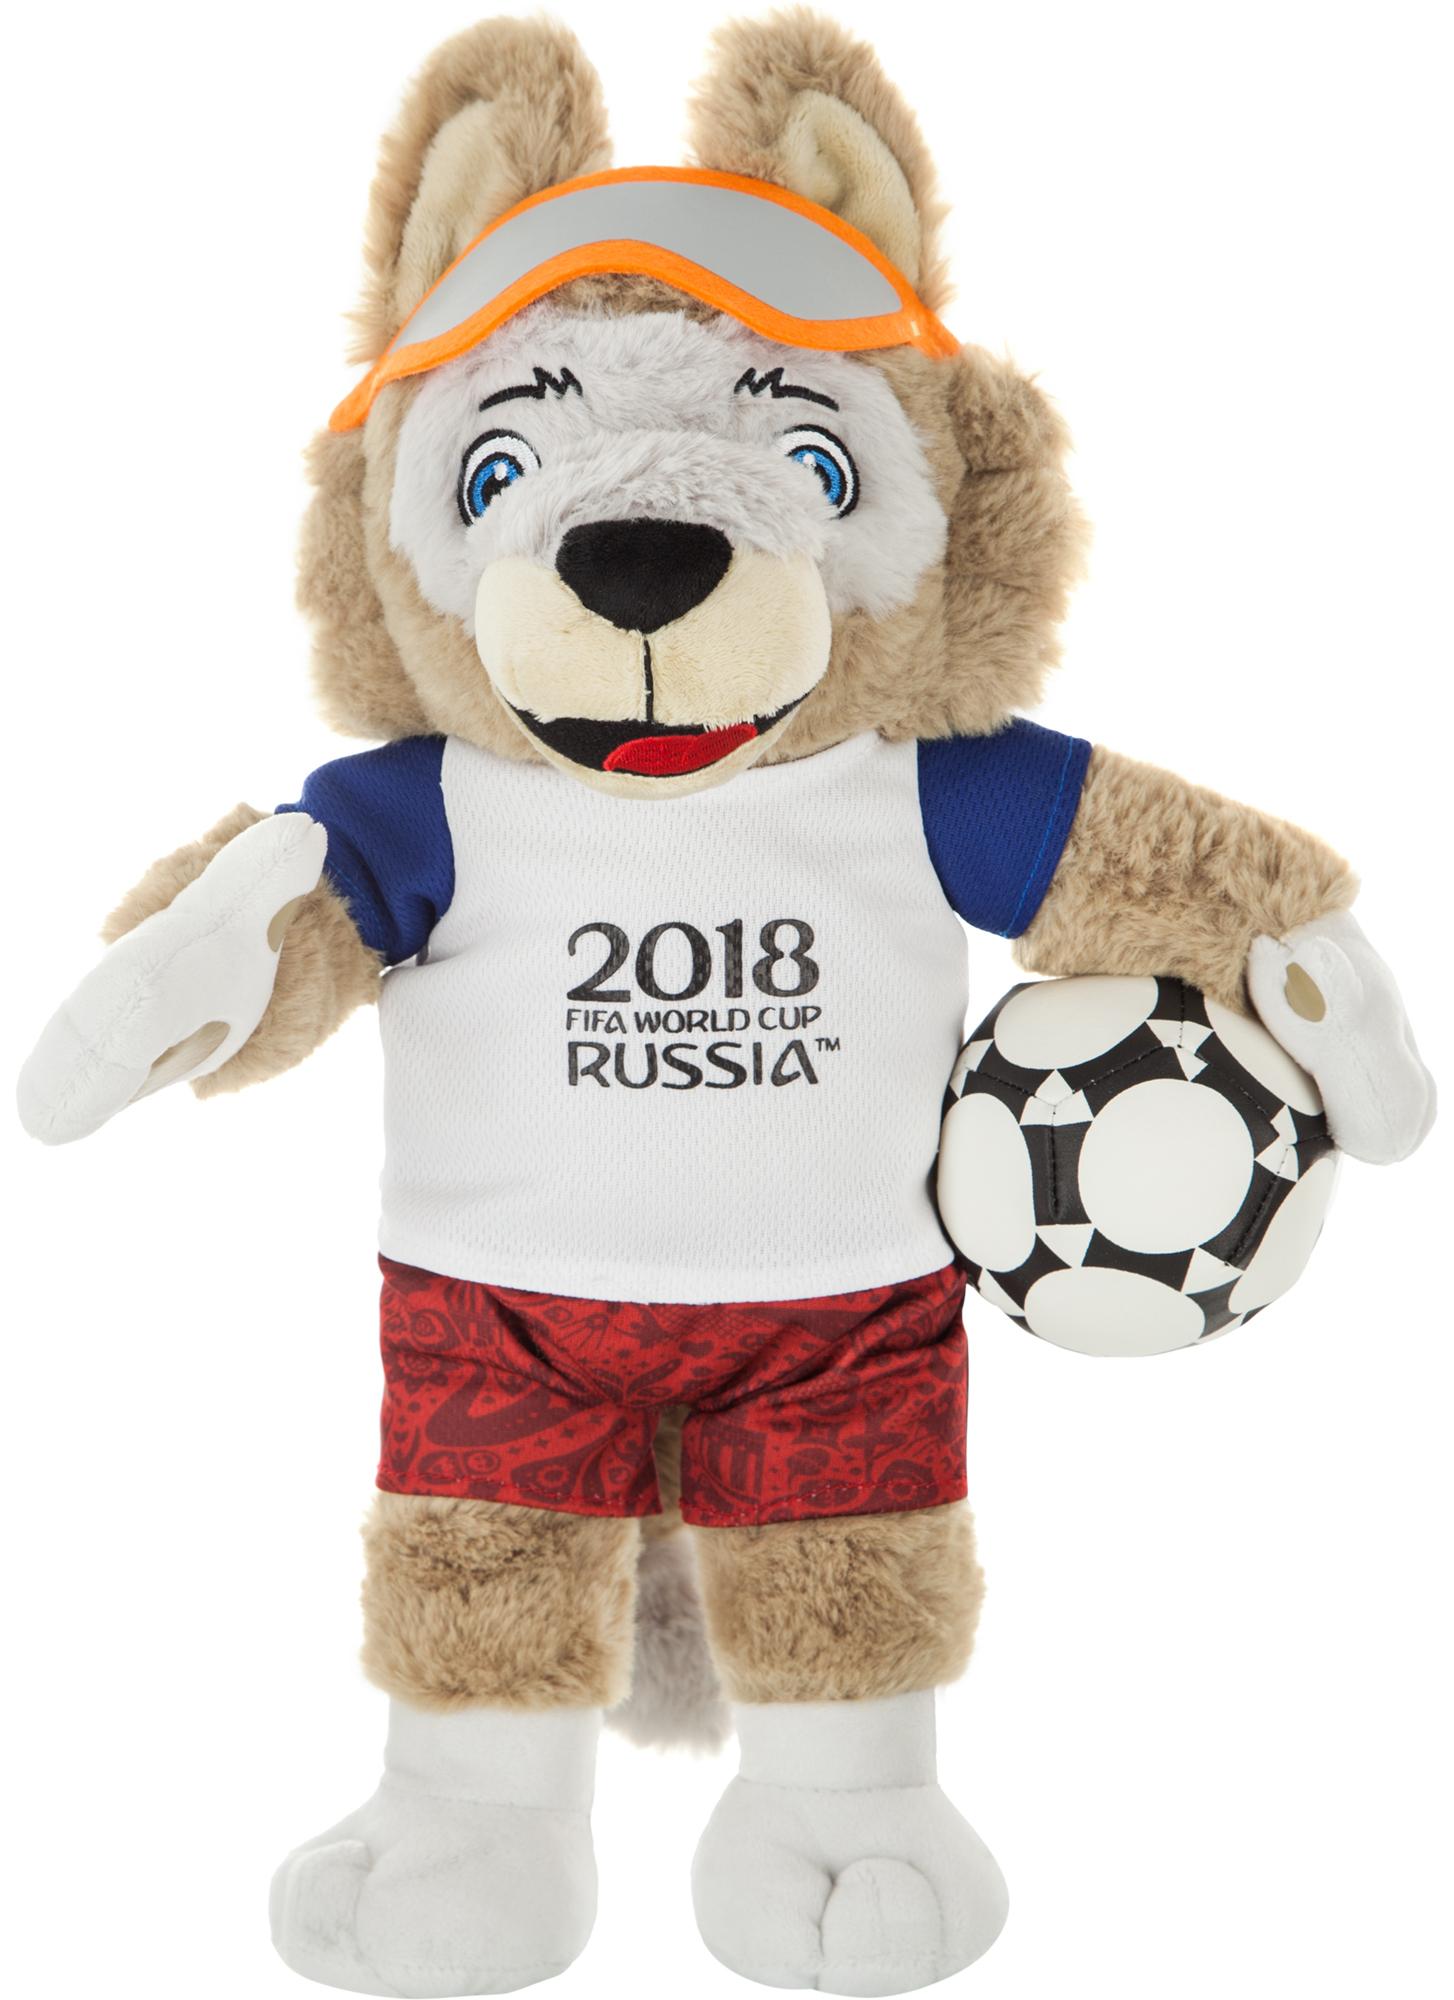 no brand Игрушка Волк Забивака 2018 FIFA World Cup Russia™, 33 см наклейки детские panini наклейки panini road to 2018 fifa world cup russia tm